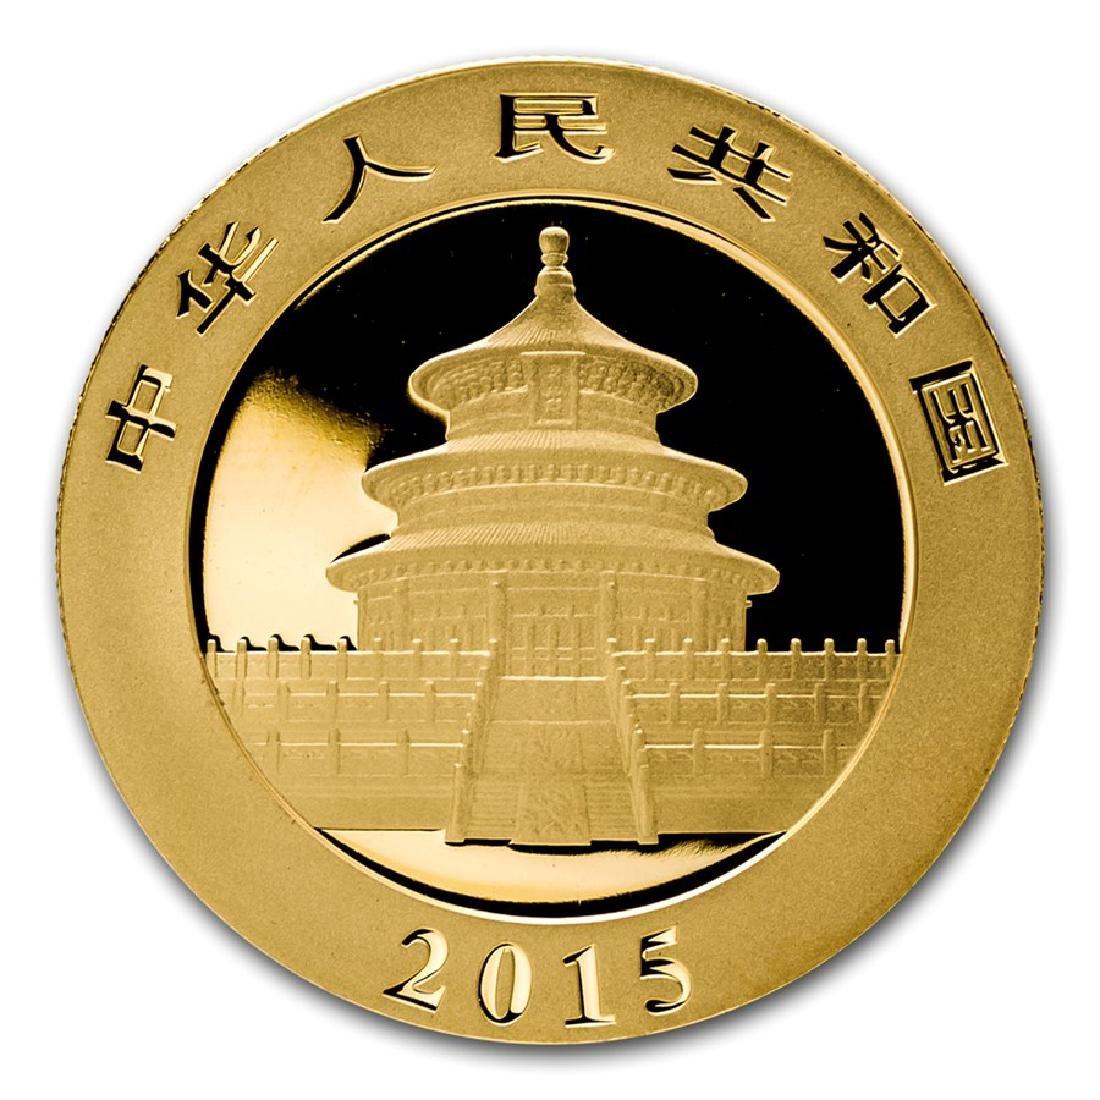 2015 China Panda 1/20 oz Gold Coin - 2